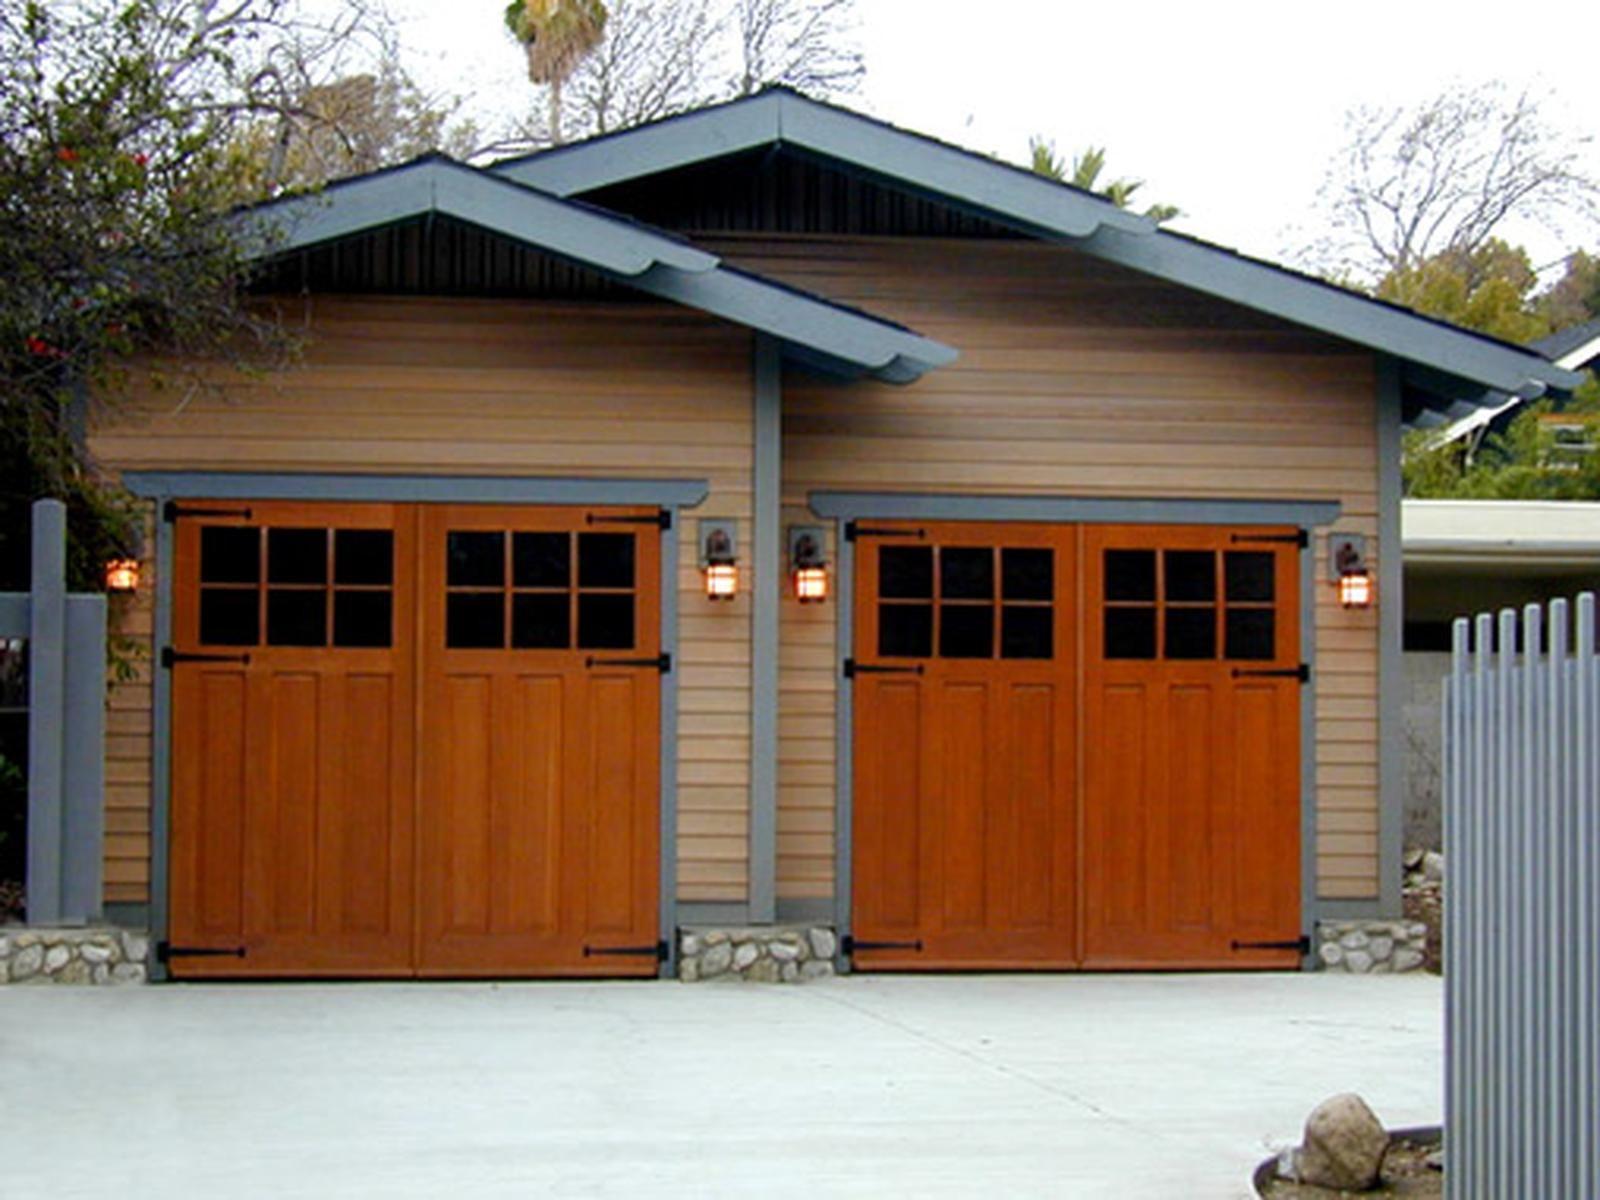 Craftsman Style Garage Doors Barn Style Garage Doors